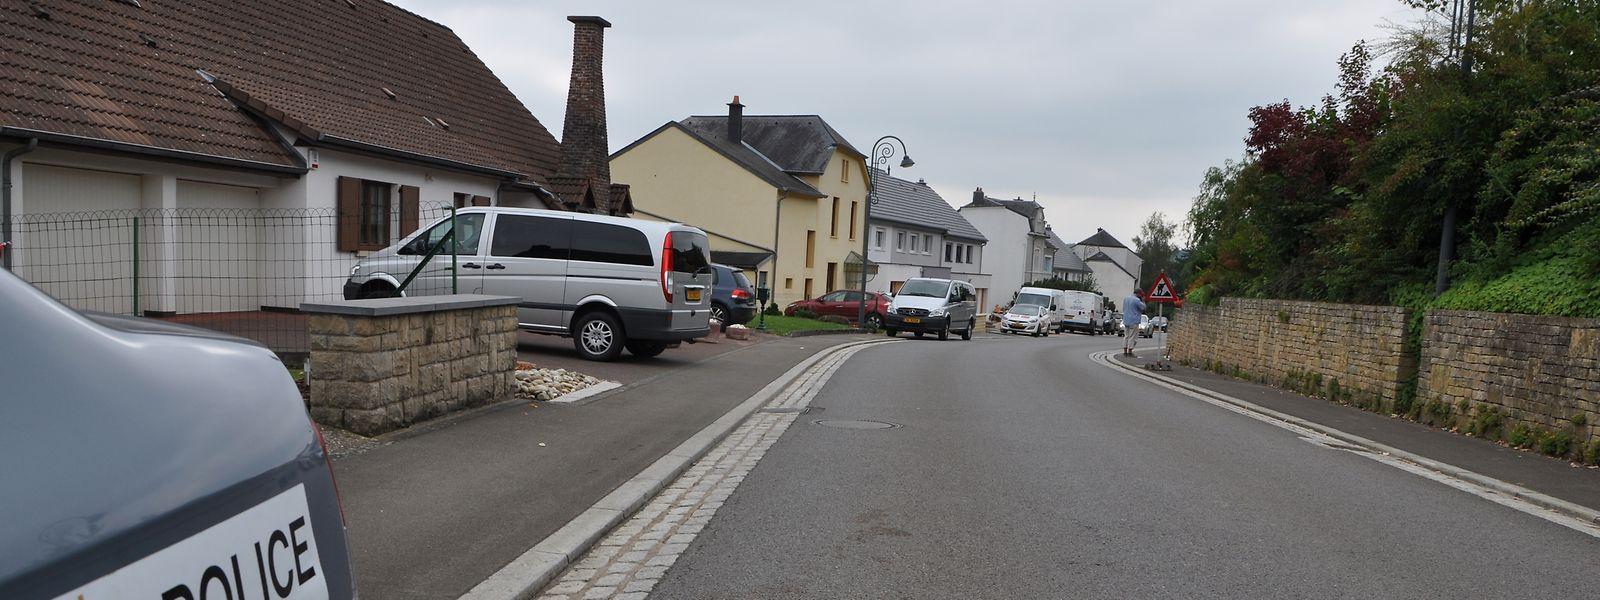 Den Angeklagten wird ein außerordentlich brutaler Raubüberfall auf eine Familie am 13. September 2014 in der Rue de la Gare in Eischen vorgeworfen.